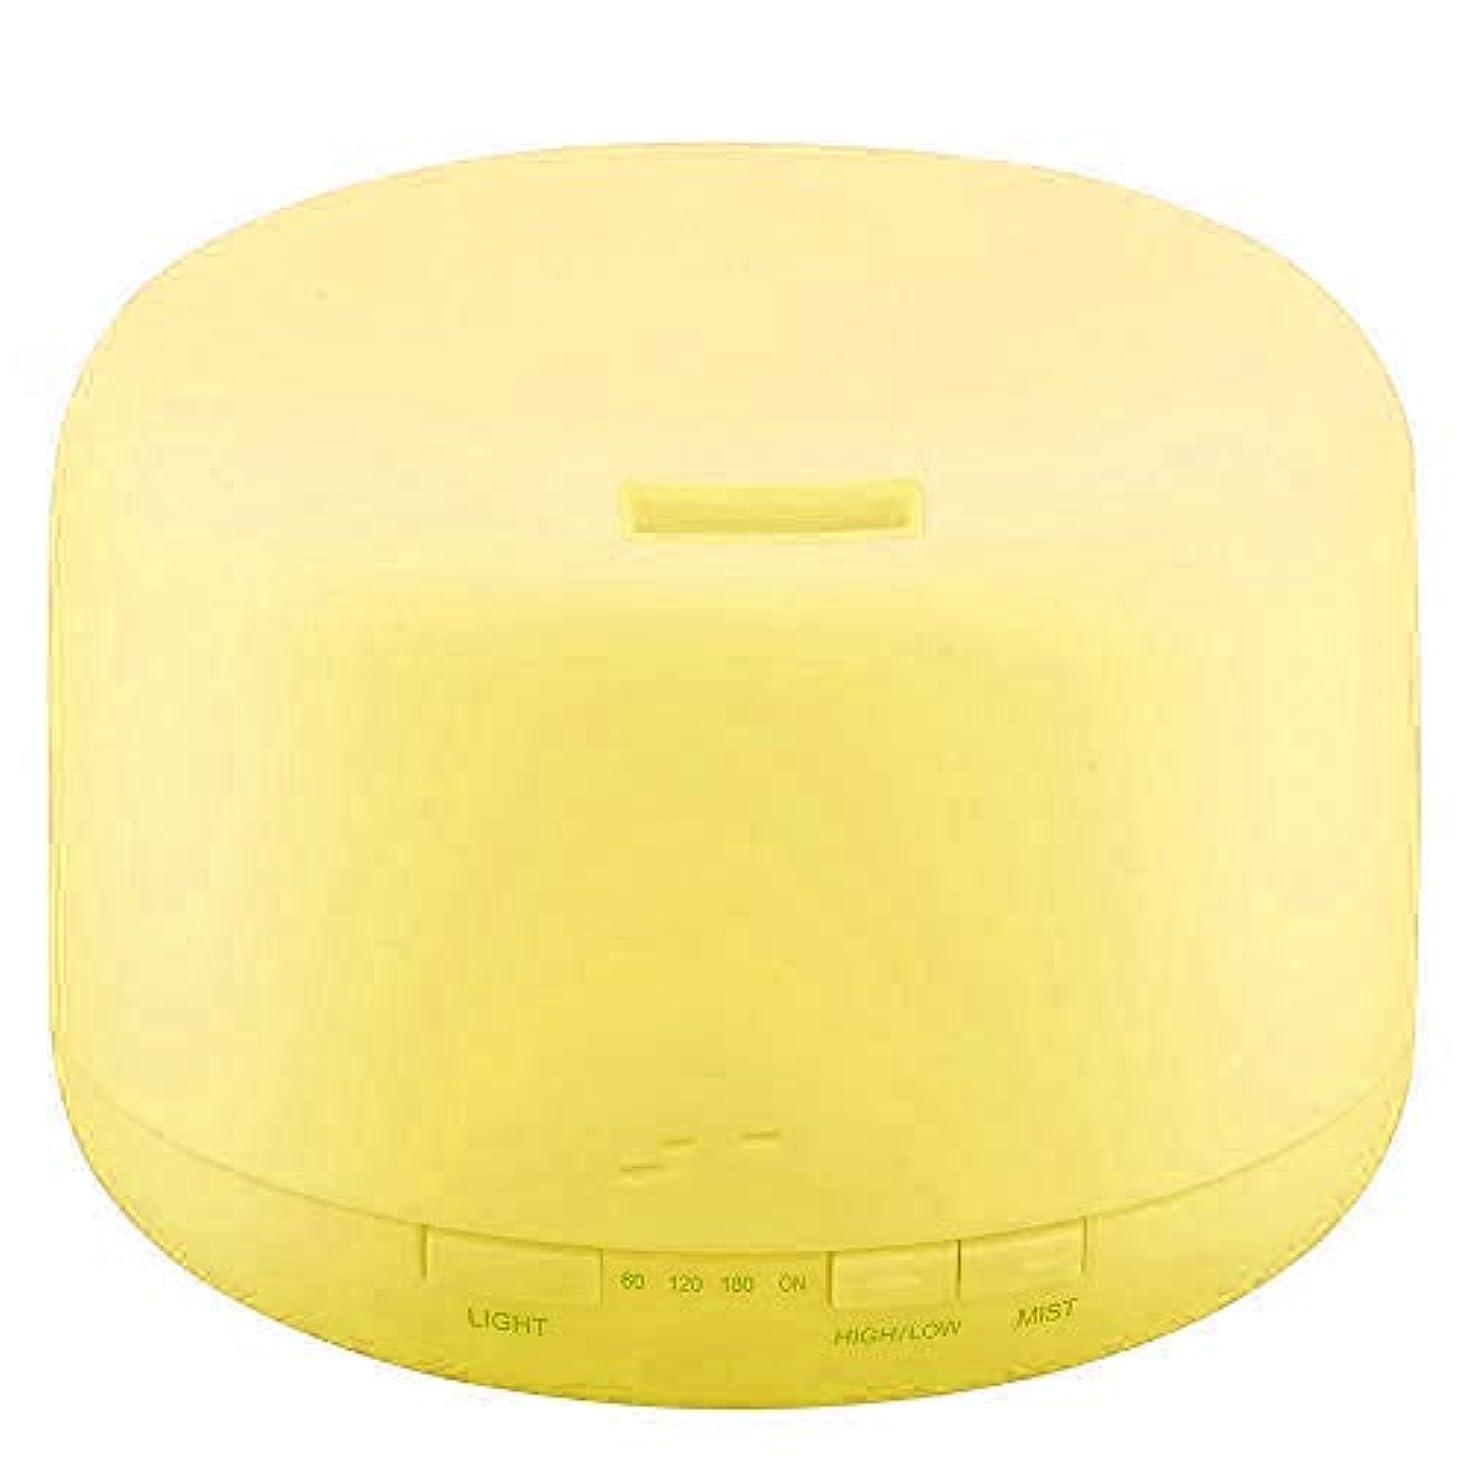 引き渡すスローガン化合物URPOWER 300 ml Aromatherapy Essential Oil Diffuser with 4タイマー設定とWaterless自動遮断 300ml OD13